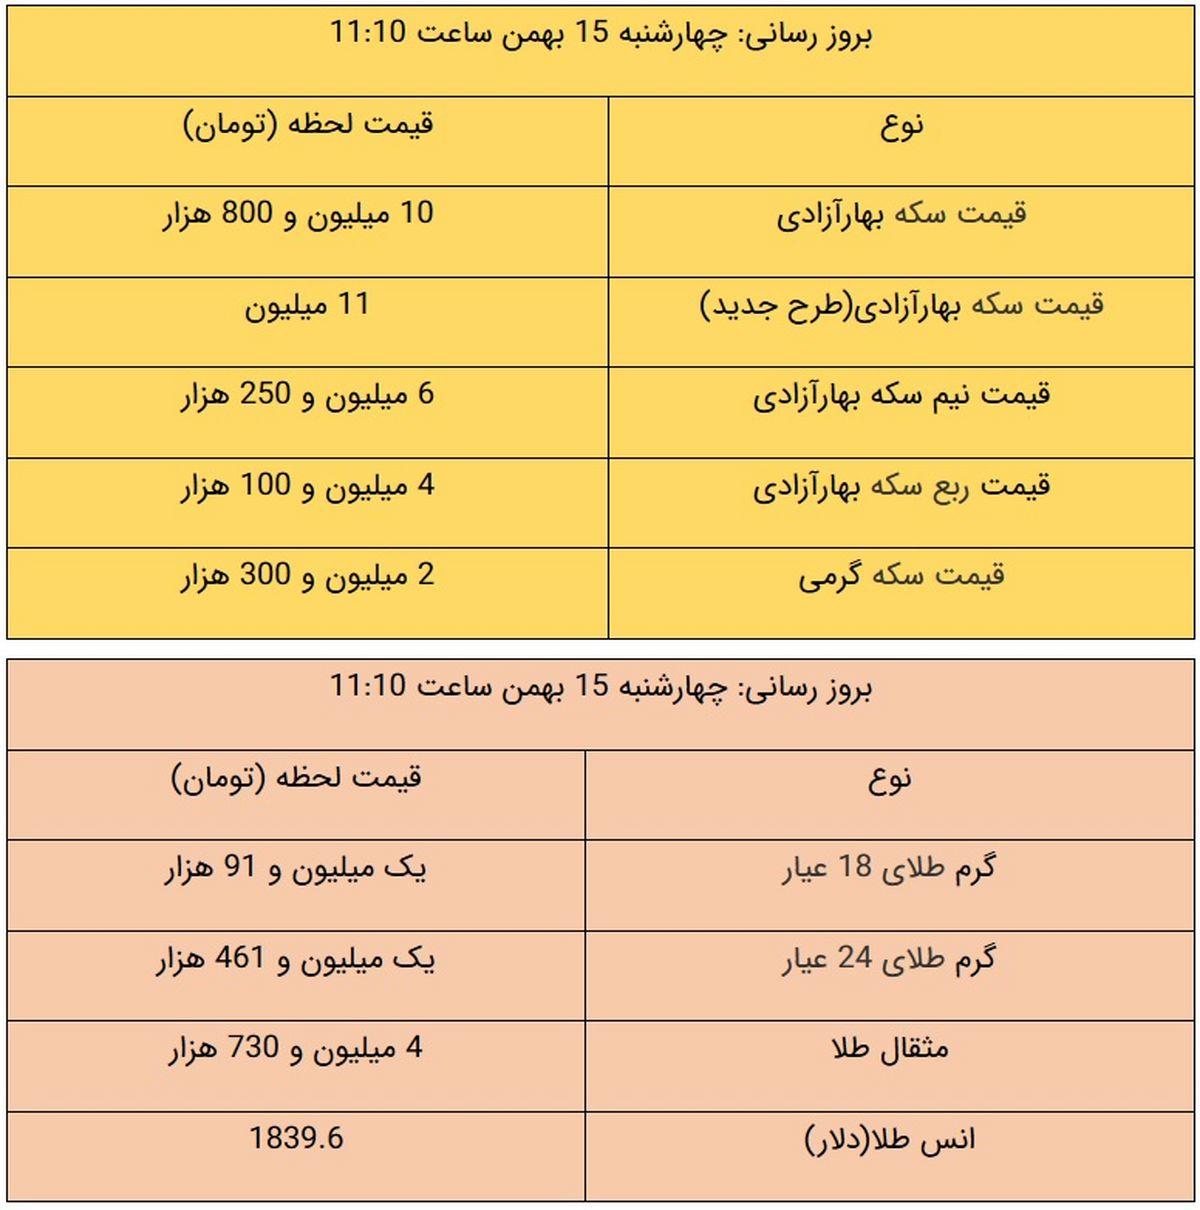 قیمت طلا و قیمت سکه، امروز ۱۵ بهمن ۹۹ + جدول